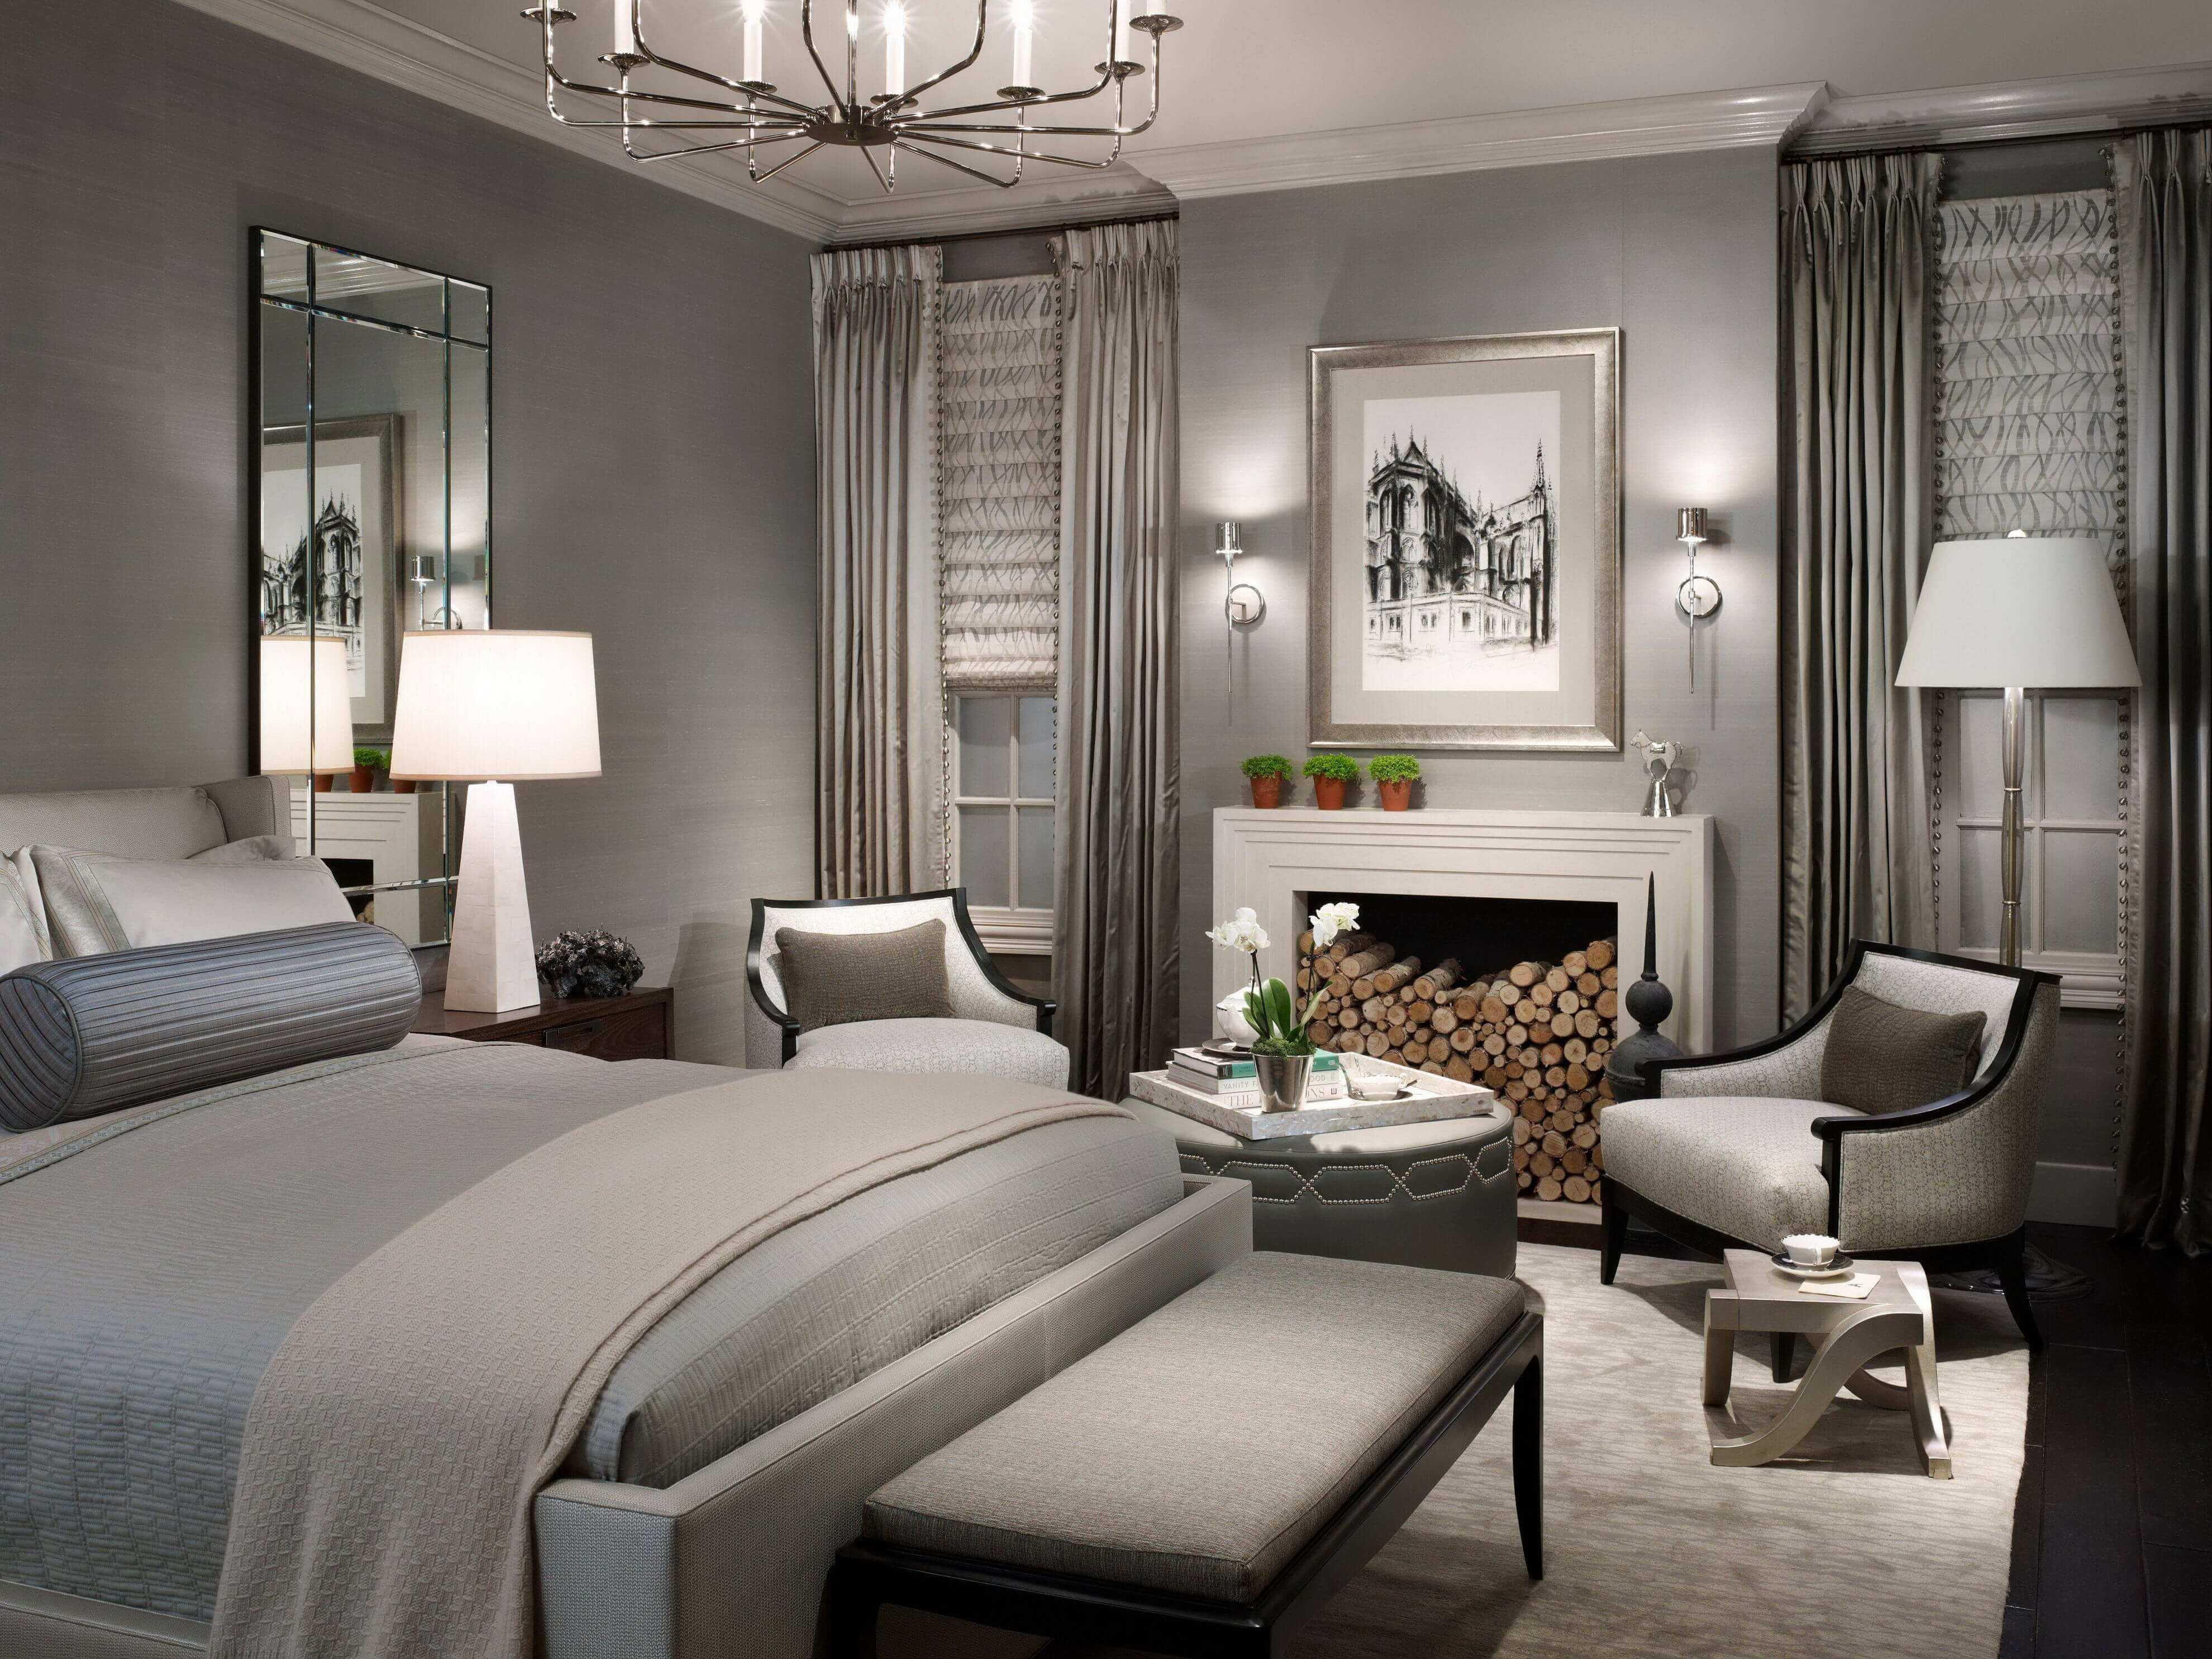 Inspired Bedrooms Top Designers